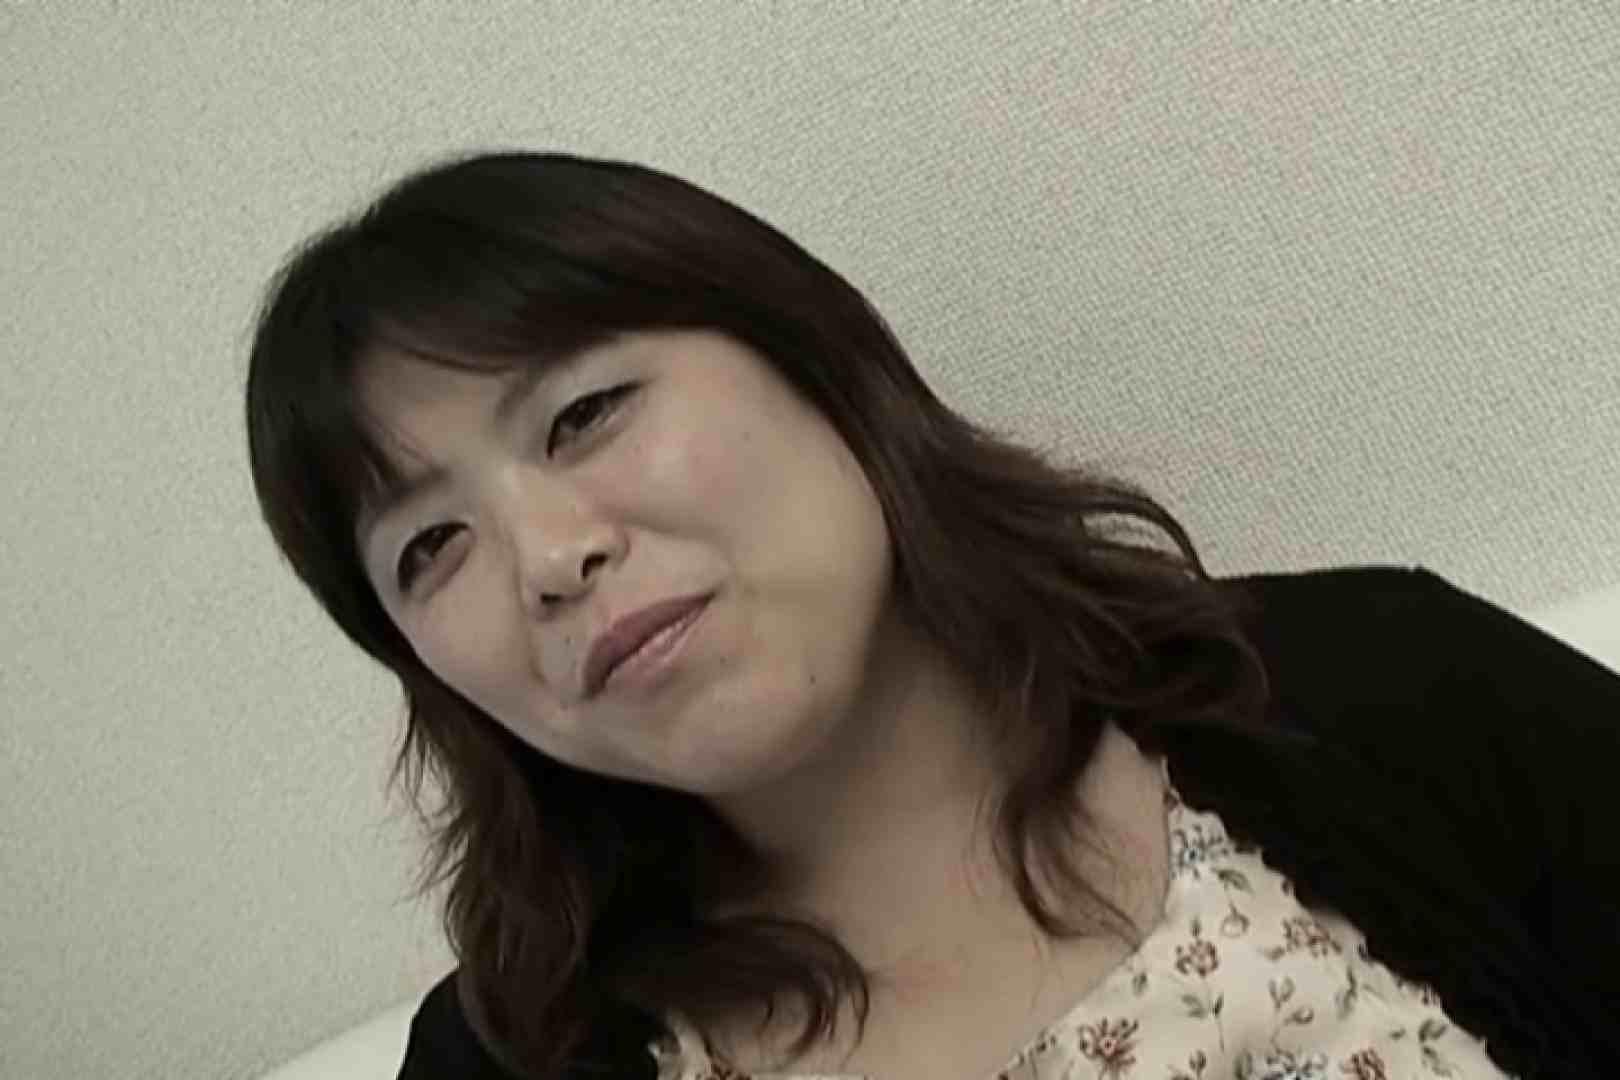 未婚の熟女、だれか慰めて~米田あさみ~ ぽっちゃりギャル 濡れ場動画紹介 83pic 19